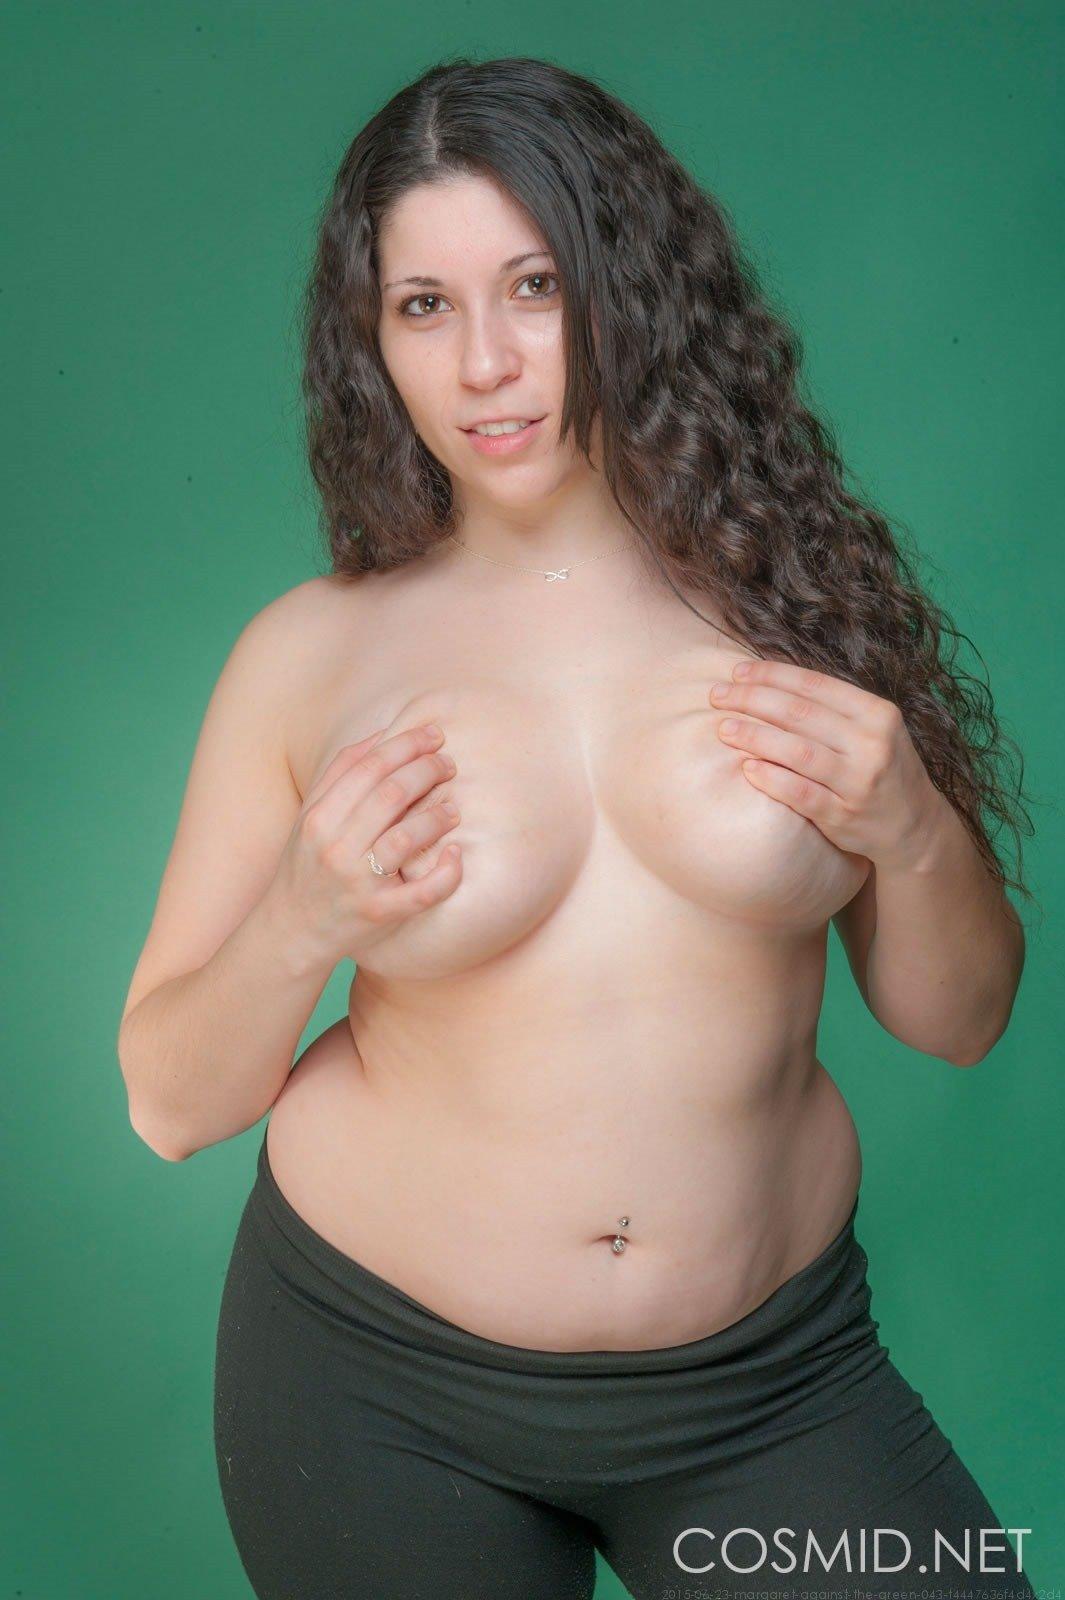 Nice tits really really